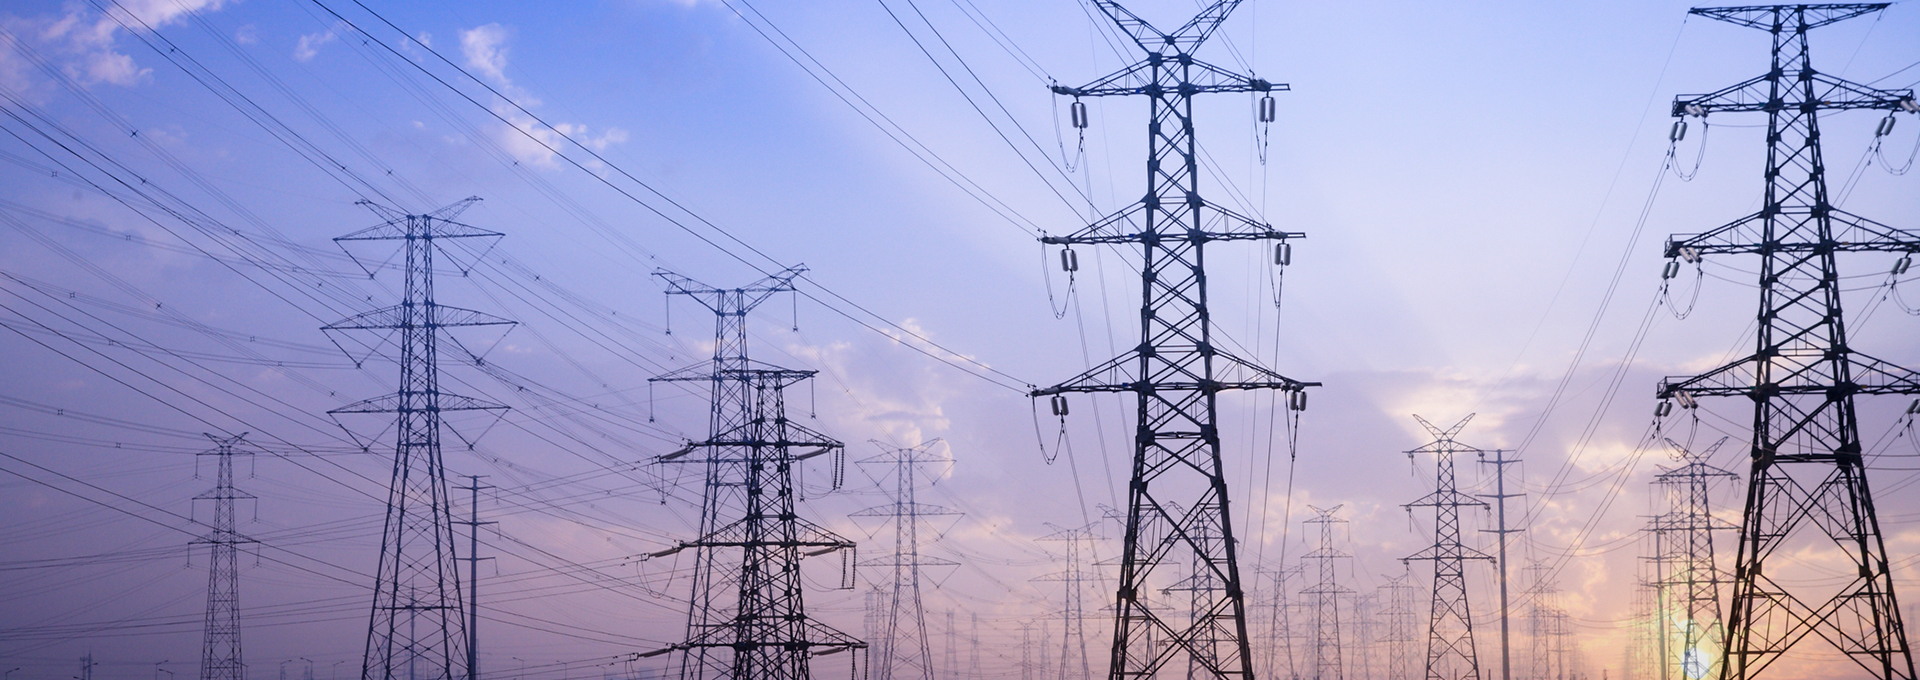 Giải pháp cho ngành điện và dầu khí